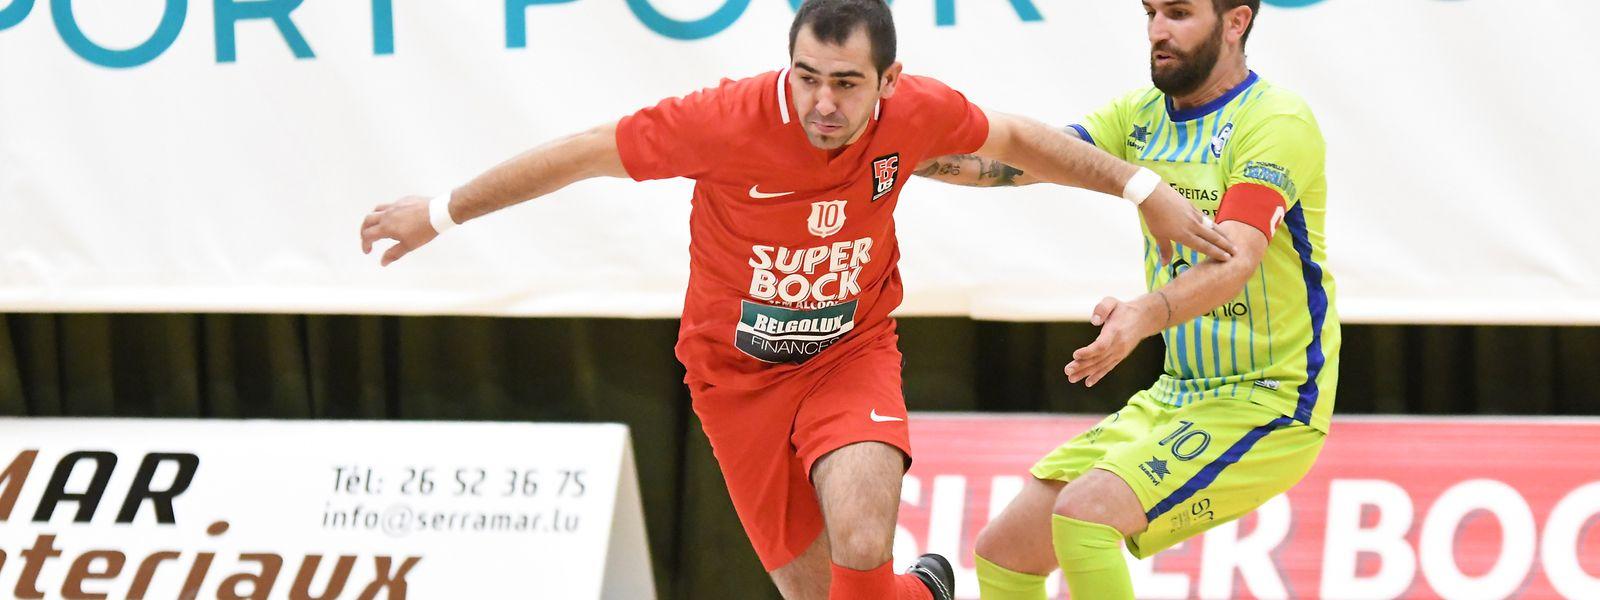 José Vieira (en rouge, FC Differdange 03) et Diogo Pereira 8US Esch et Diogo Pereia (US Esch) se retrouvent ce lundi pour la finale de la Coupe de Luxembourg